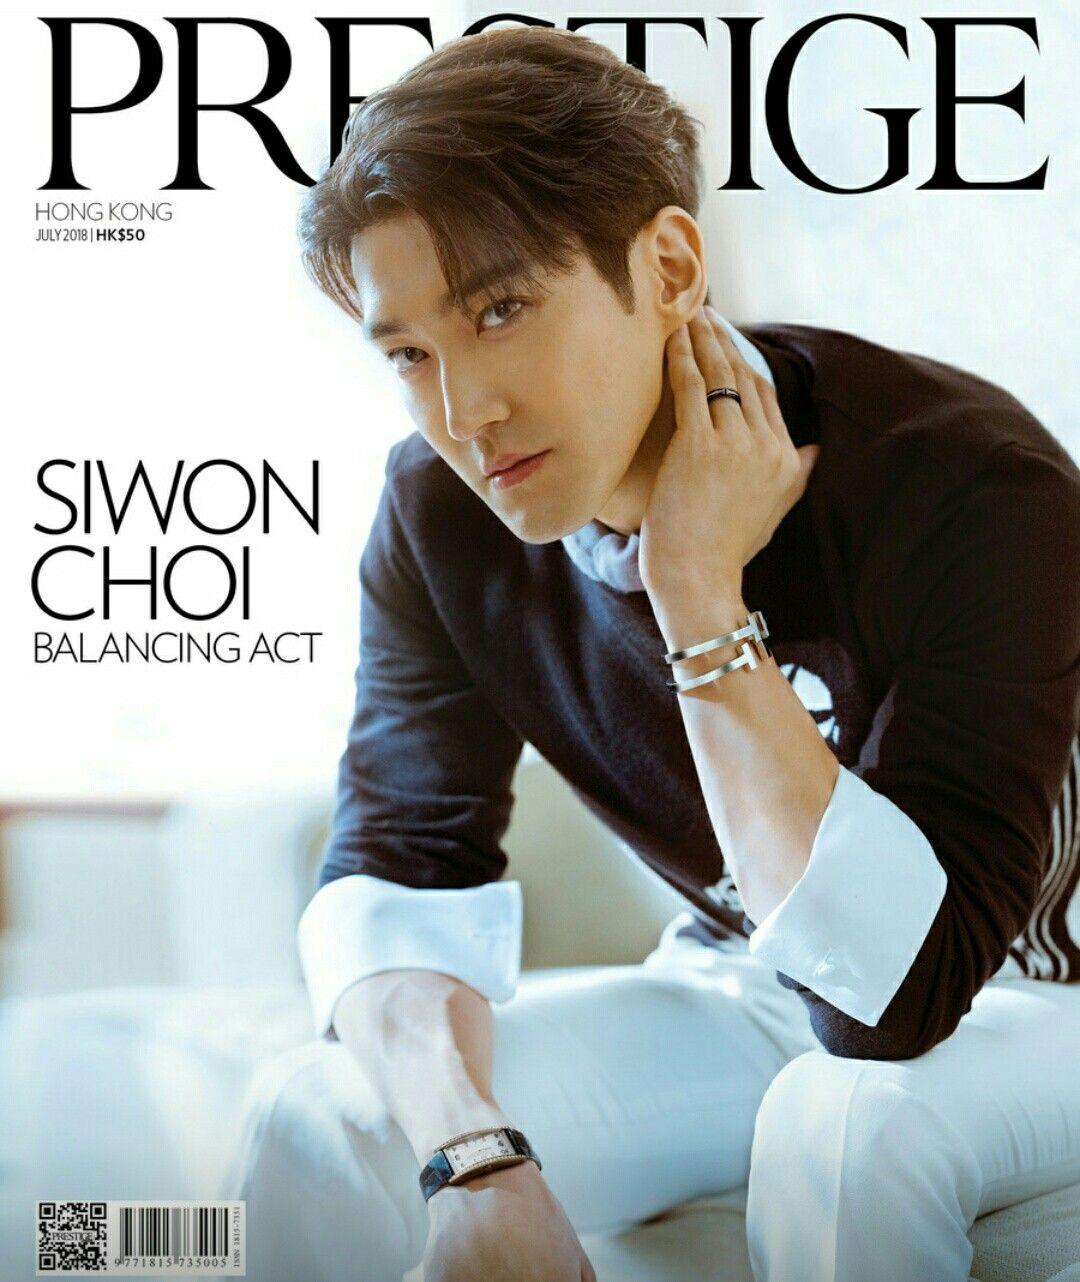 10 diễn viên Kbiz xuất thân trâm anh thế phiệt: Tài tử The Heirs giàu nứt khố đổ vách, Siwon là hậu duệ vua Hàn Quốc - Ảnh 4.